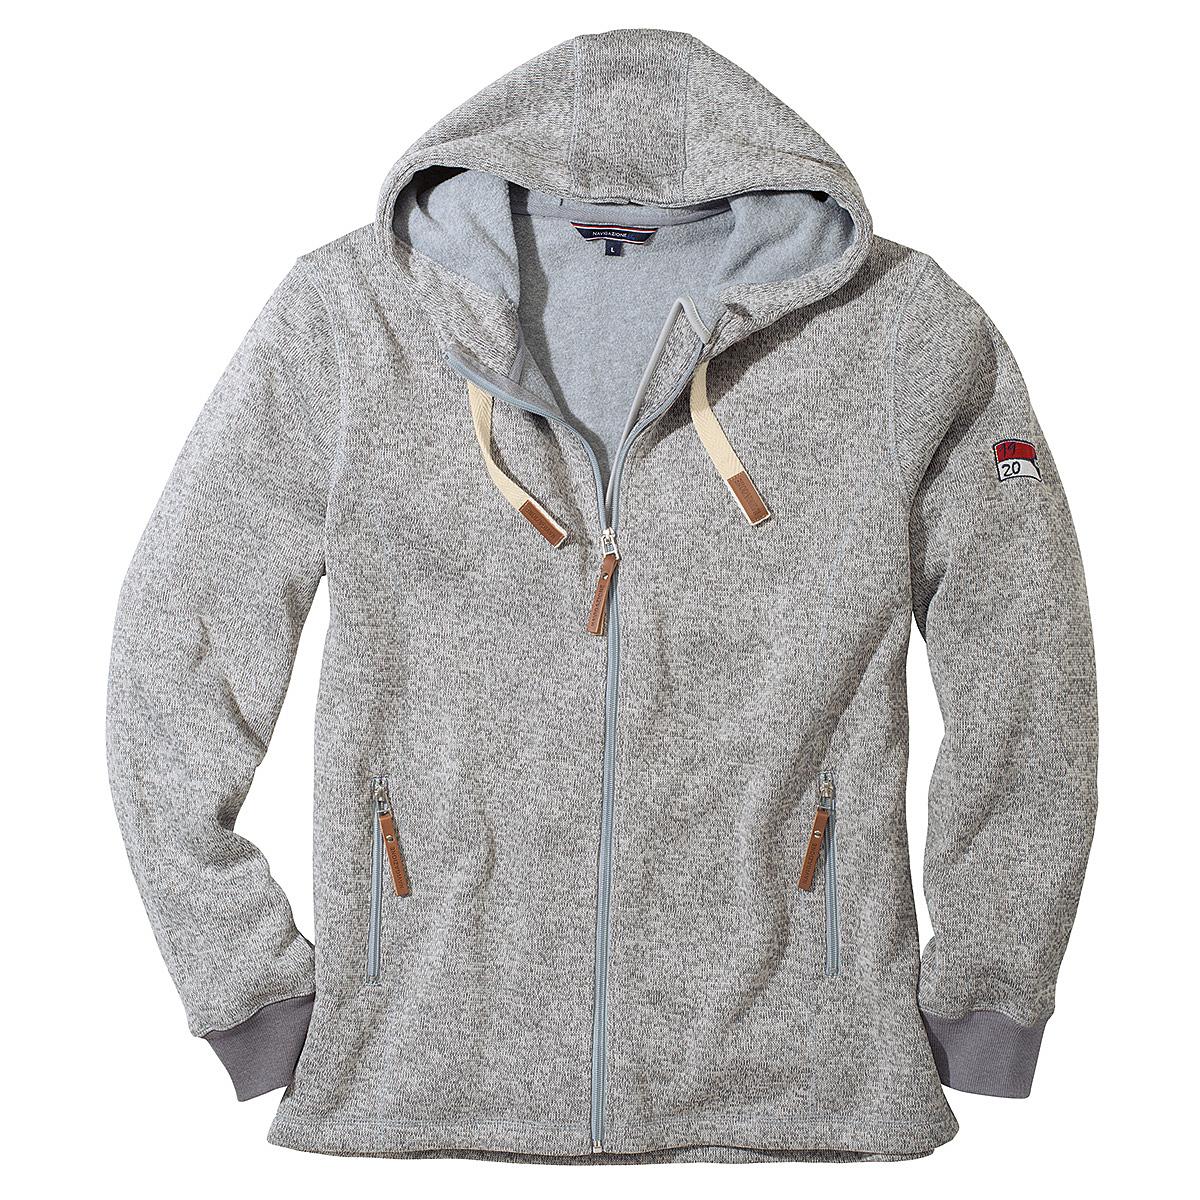 exquisiter Stil online zu verkaufen billig zu verkaufen Navigazione | Outdoor-Strickjacke mit Kapuze | Grau Melange